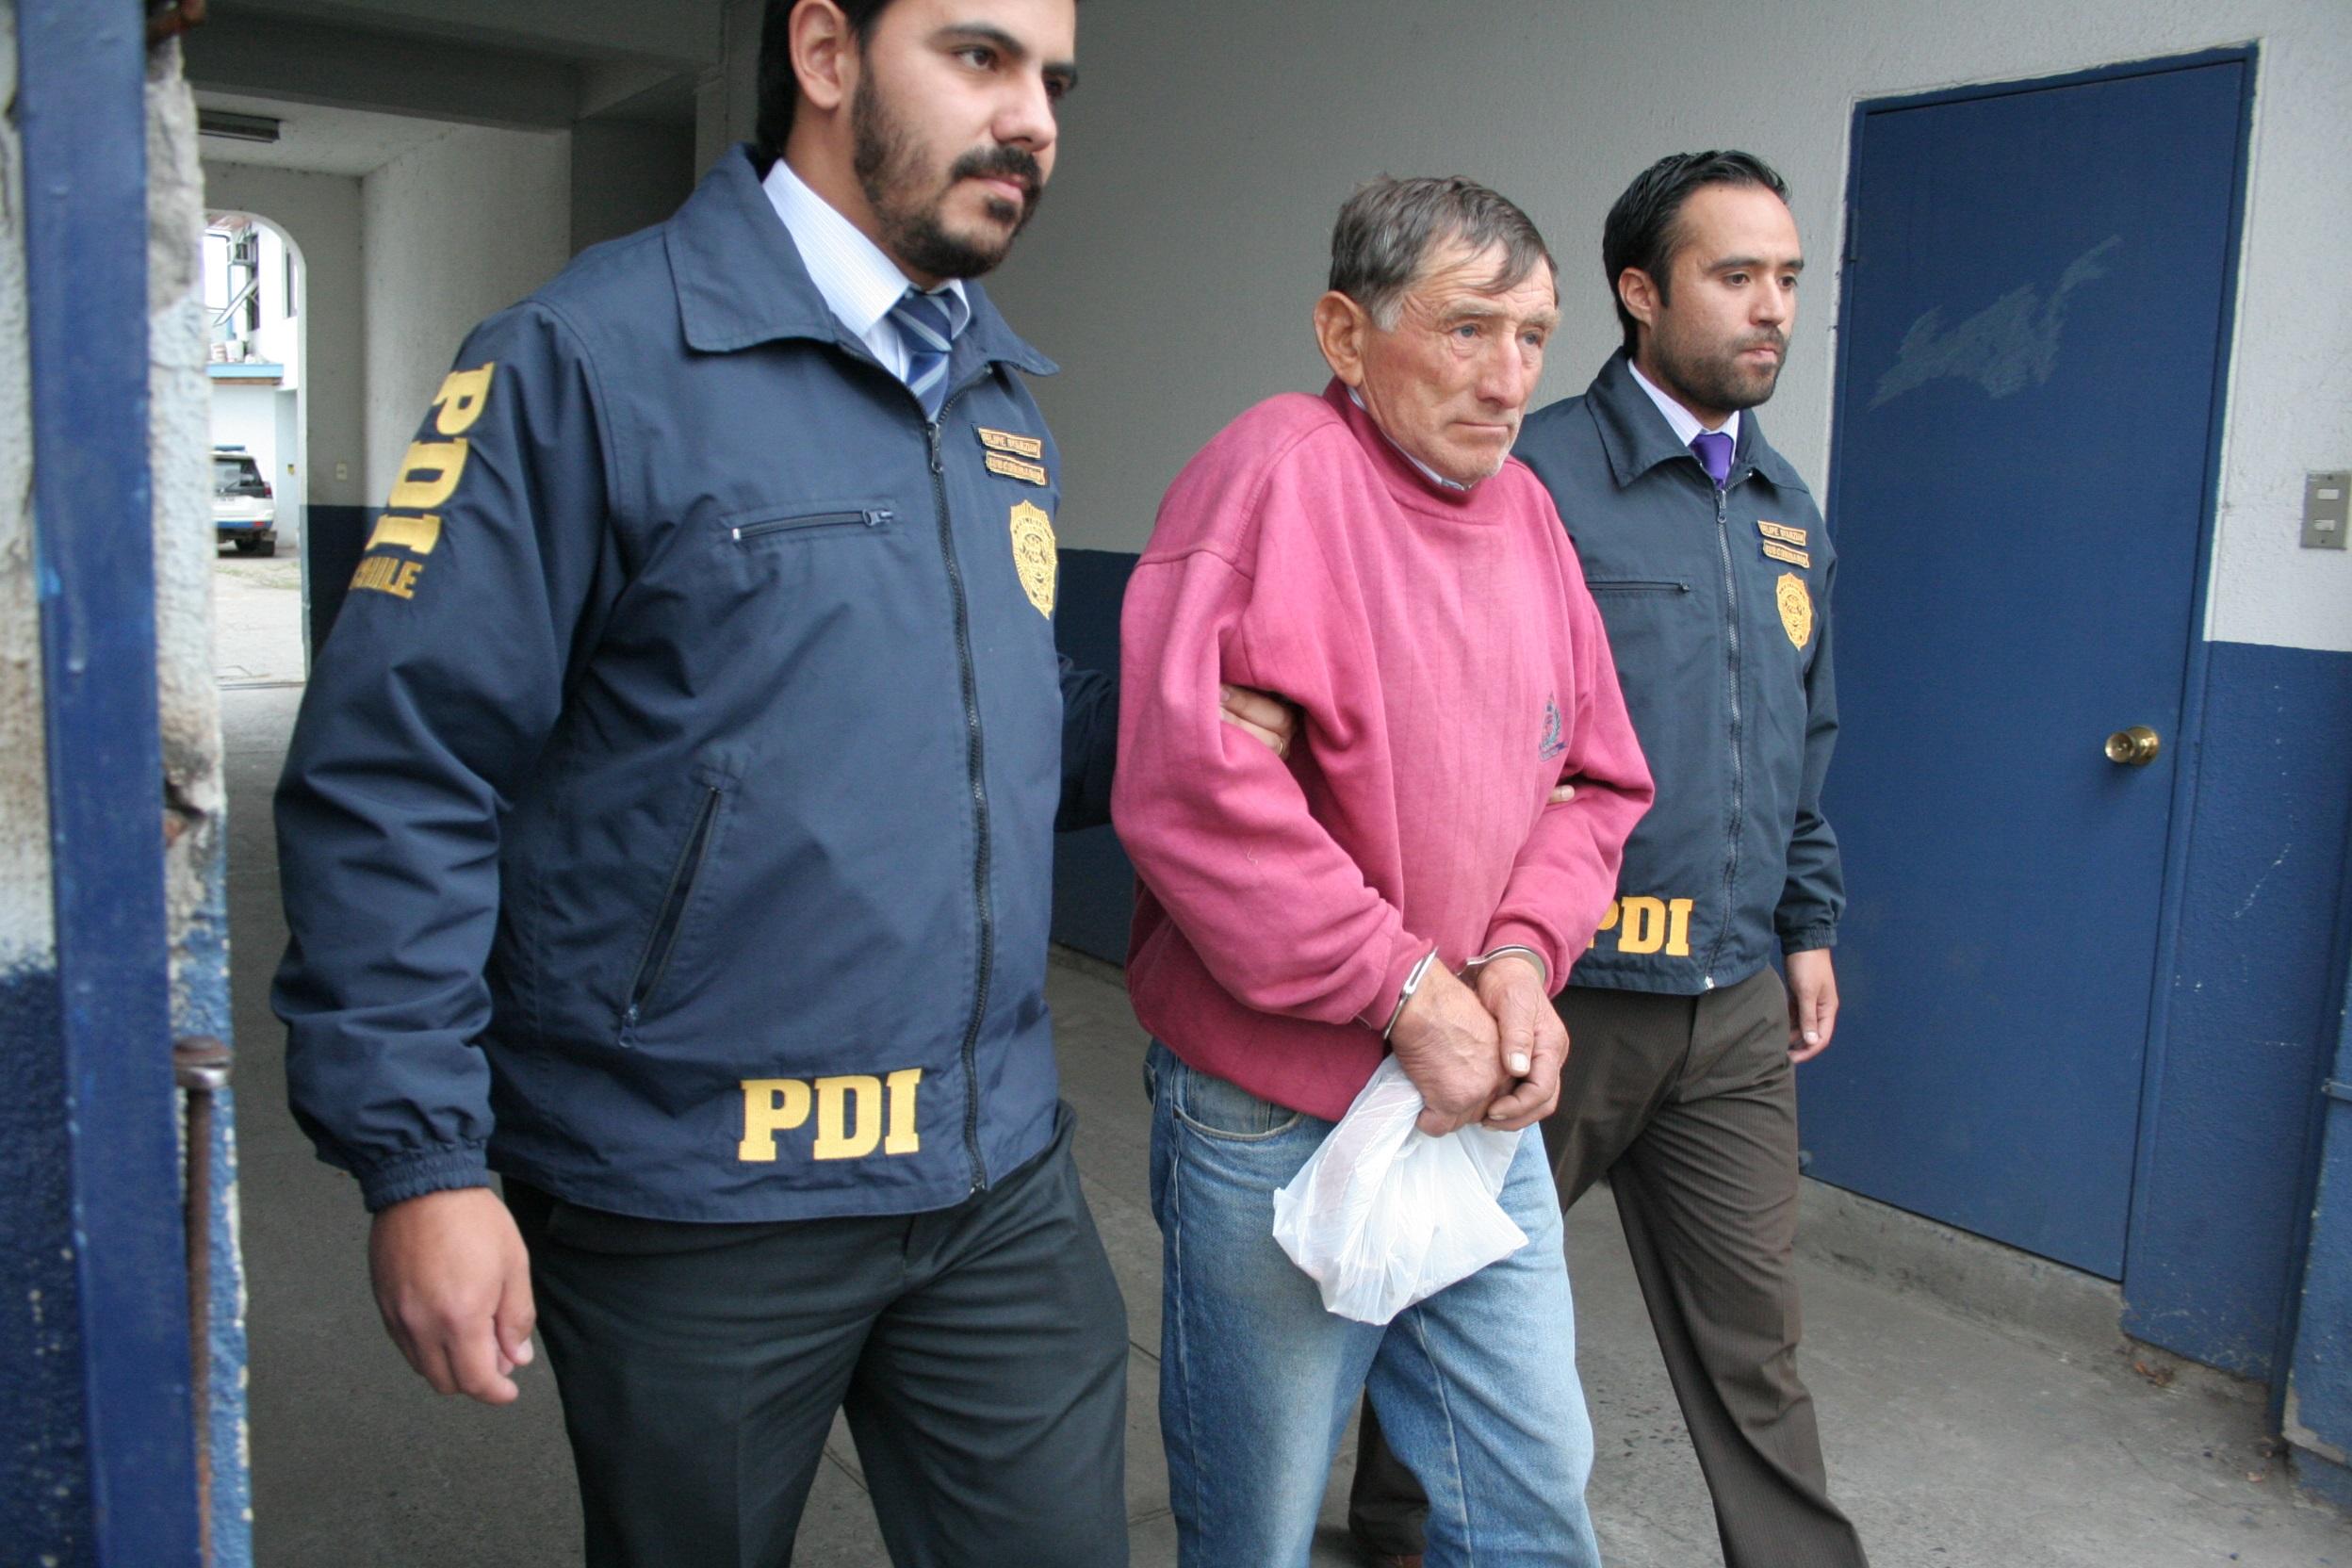 La PDI detiene a hombre acusado de violar y embarazar a sus dos hijastras menores en vivienda de Talca